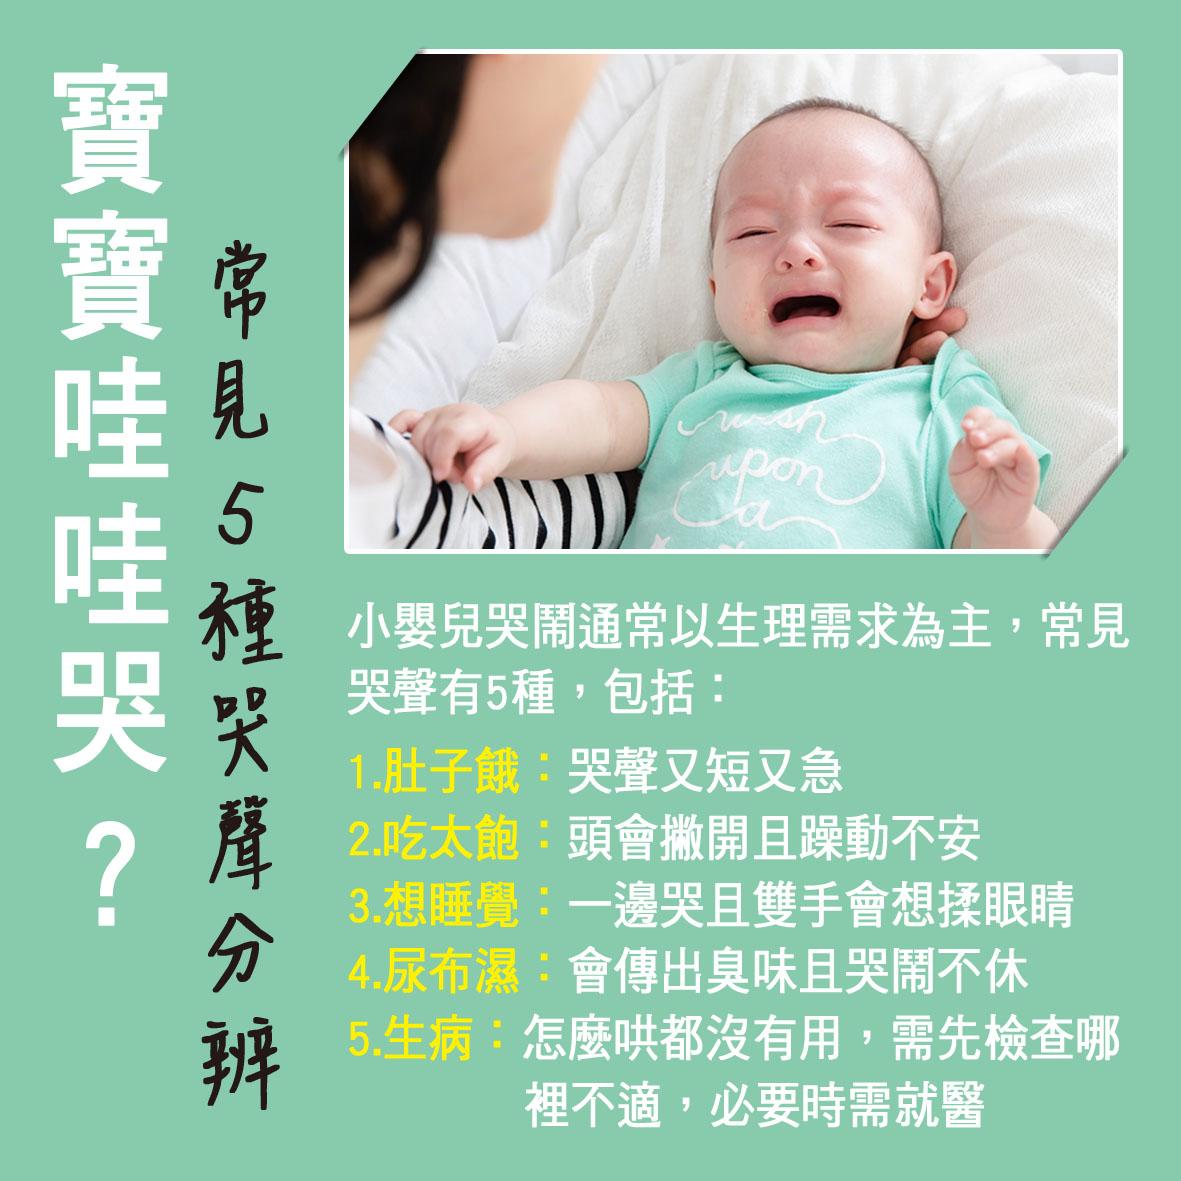 寶寶篇第15週--寶寶哇哇哭?常見5種哭聲分辨